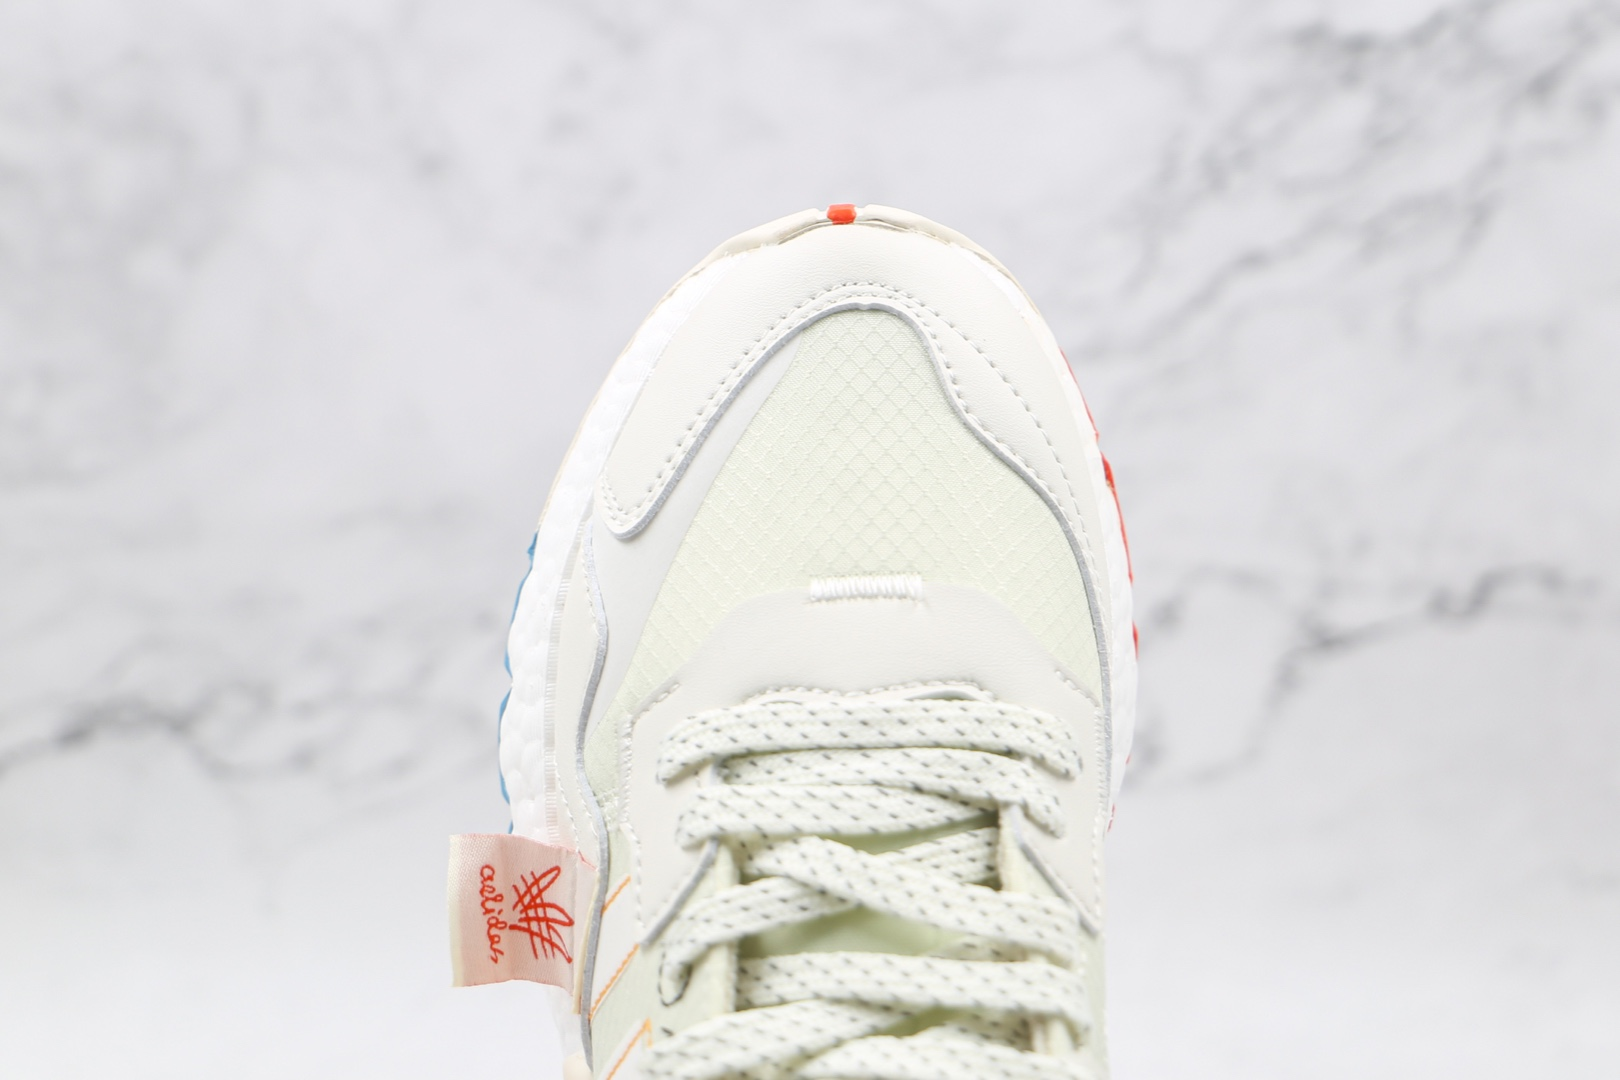 阿迪达斯Adidas Nite Jogger 2019 Boost纯原版本夜行者一代米白色涂鸦3M反光爆米花跑鞋原鞋开模一比一打造 货号:CZ3045